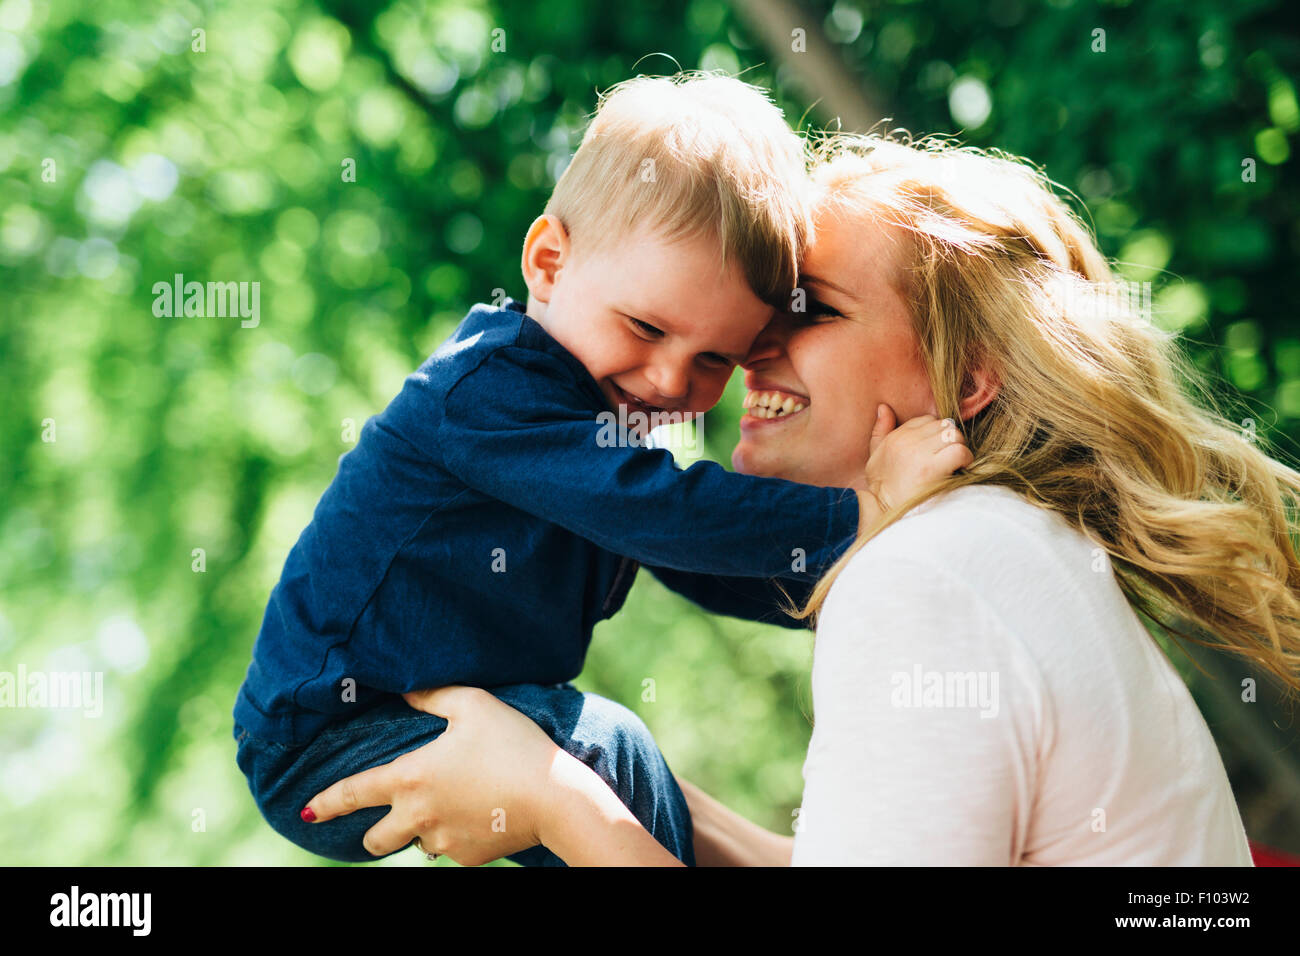 La madre sonríe riendo y jugando con su hijo al aire libre en un agradable día de verano Imagen De Stock